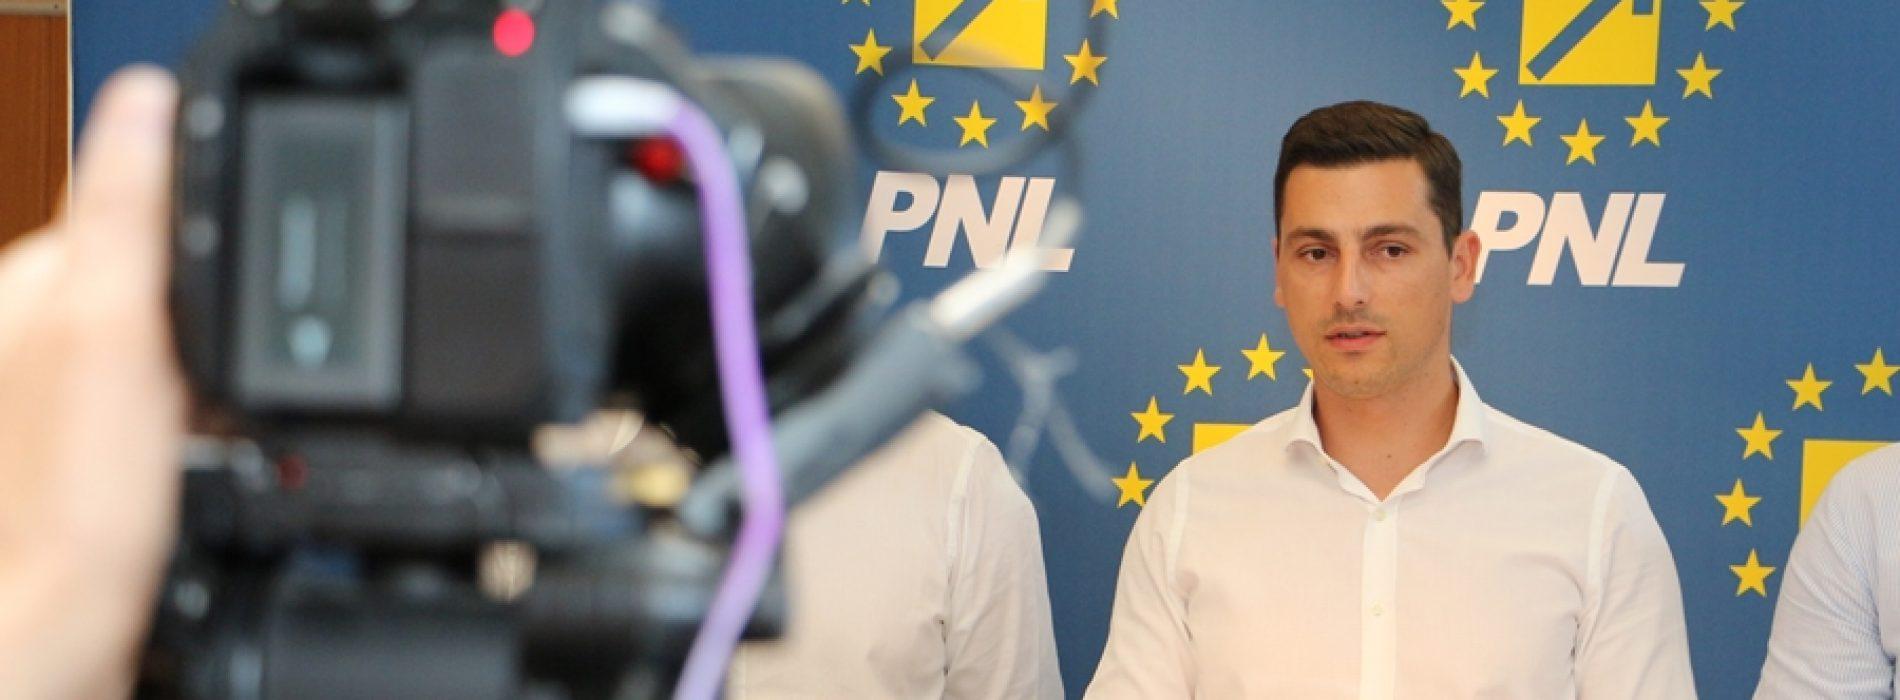 Putem spune deja adio și spitalelor regionale promise intens de PSD și în campania electorală și în ultimii doi ani și jumătate de guvernare